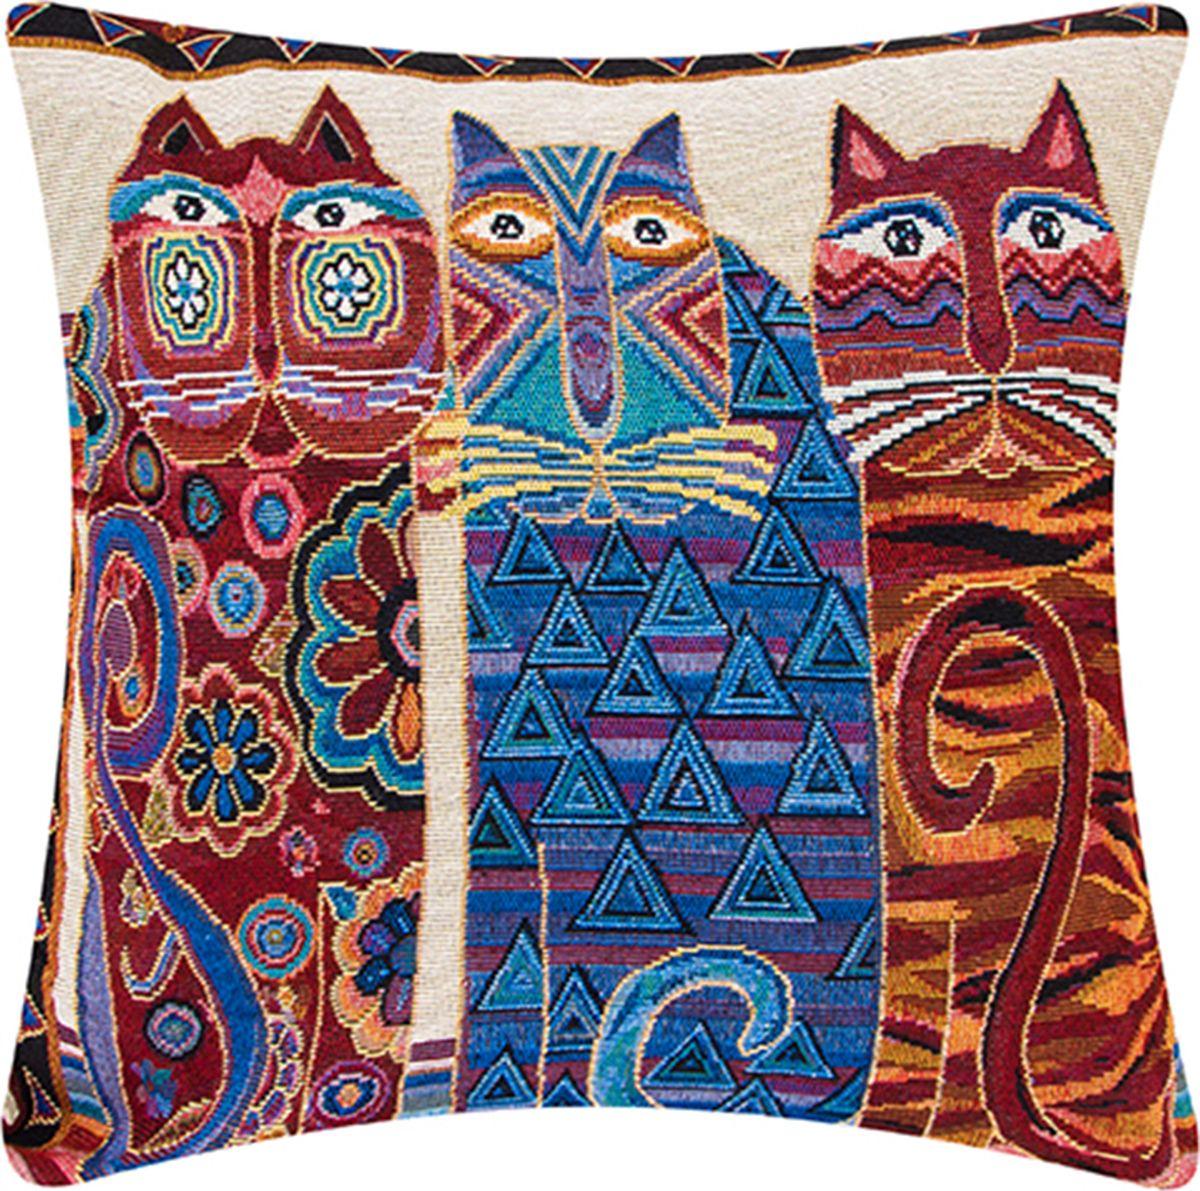 Подушка декоративная EL Casa Три кота, 43 x 43 см171689Декоративная подушка прекрасно дополнит интерьер спальни или гостиной. Состав наволочки: лен -50%, полиэстер-50%. Она легко снимается, благодаря молнии. Внутри подушки находится мягкий наполнитель.